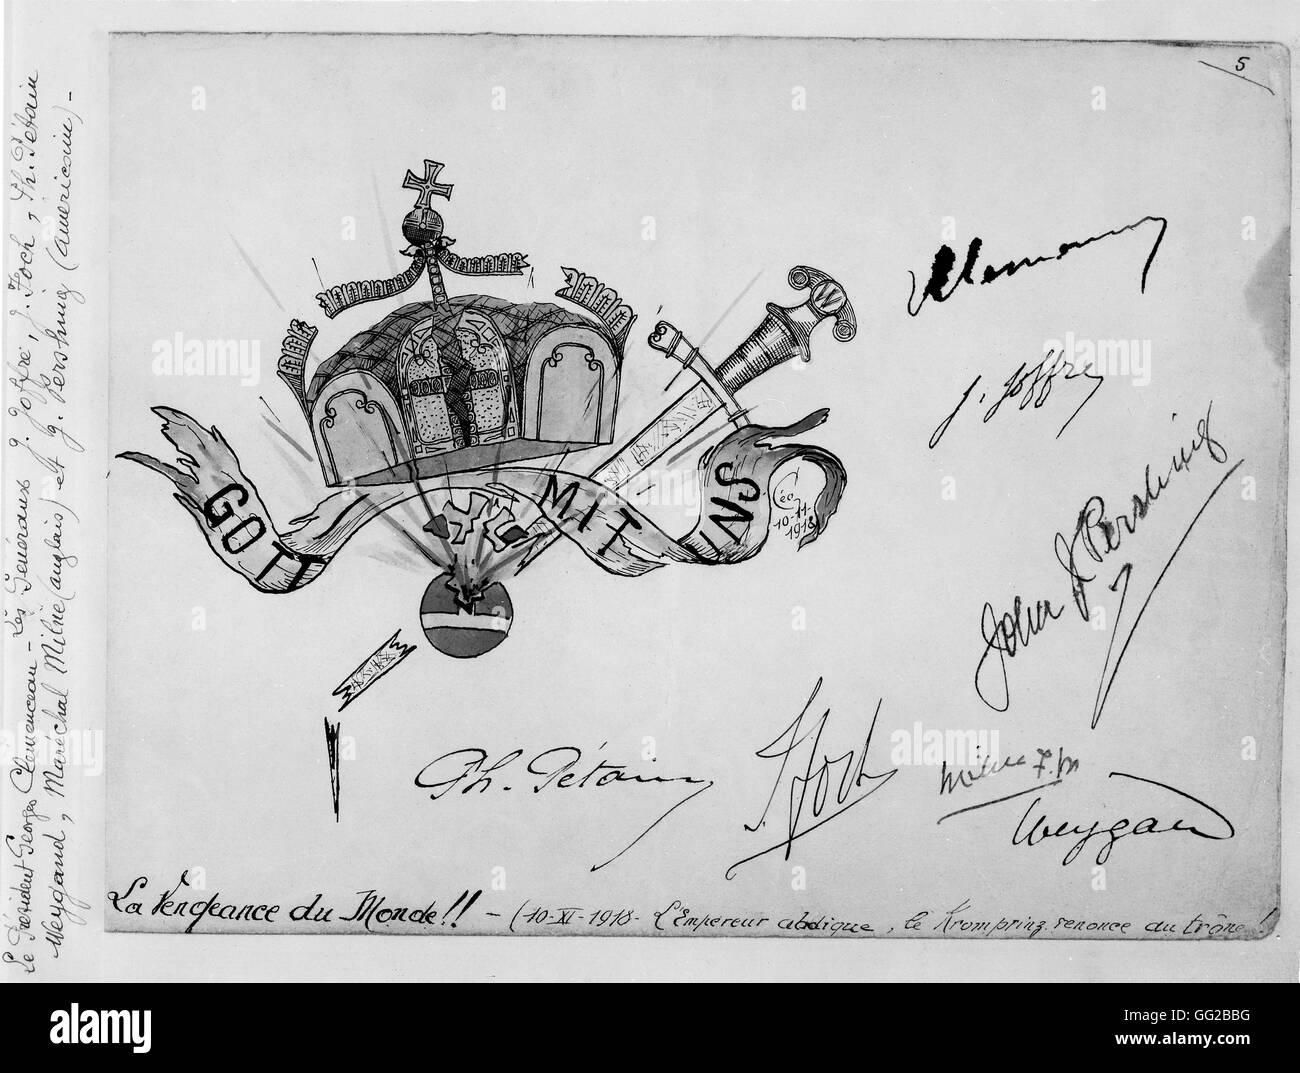 """Illustration aus einem farbigen Album mit dem Titel """"The World Revanche"""" Signaturen von Pétain, Clémenceau, Stockbild"""